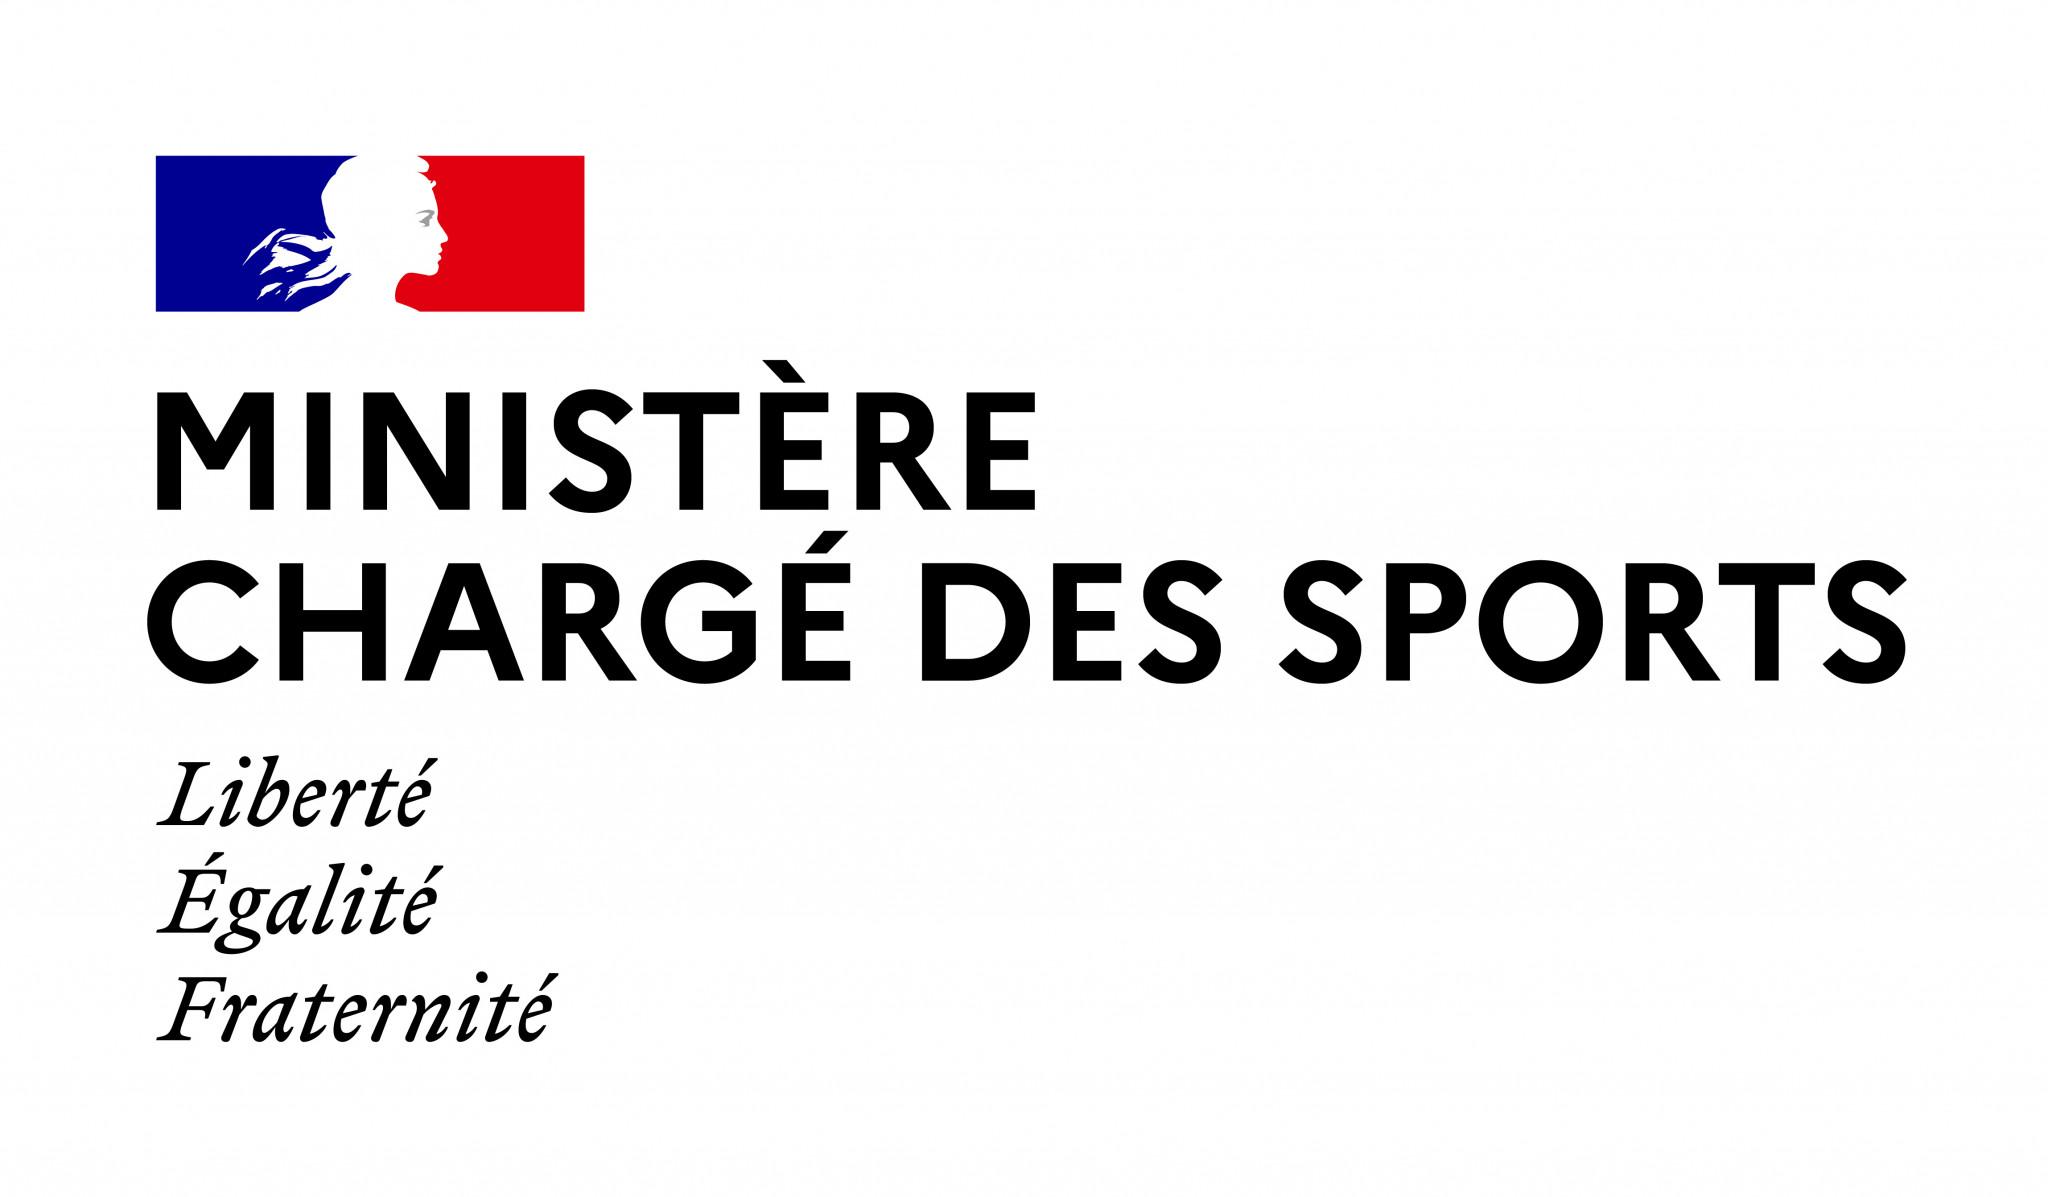 Ministere Des Sports Communique De Roxana Maracineanu Application Des Decisions Sanitaires Pour Le Sport Fftri